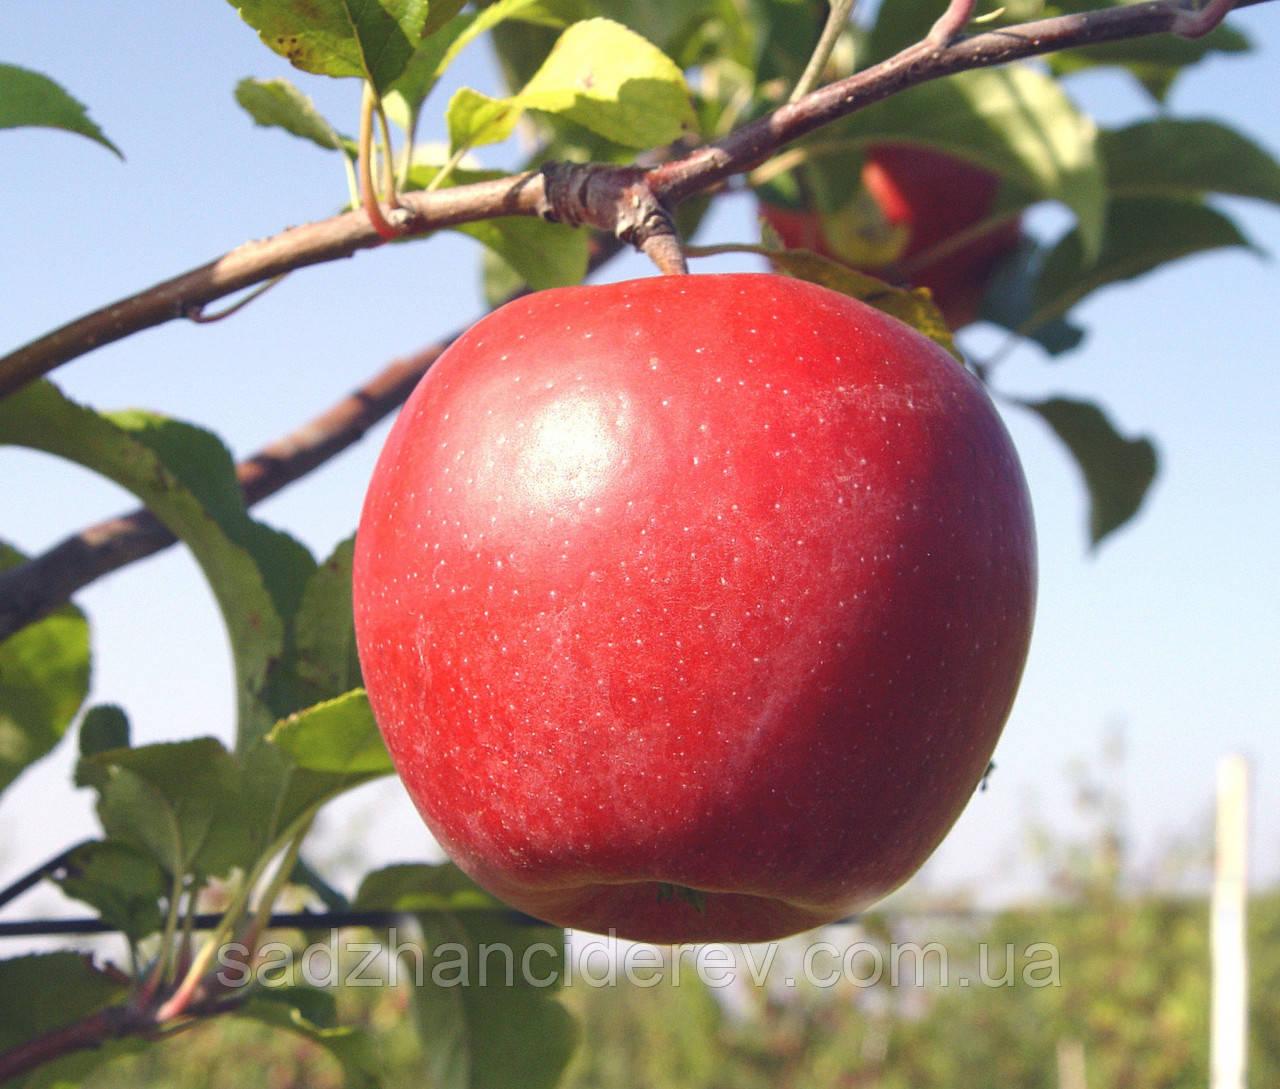 Саджанці яблунь Руж розе